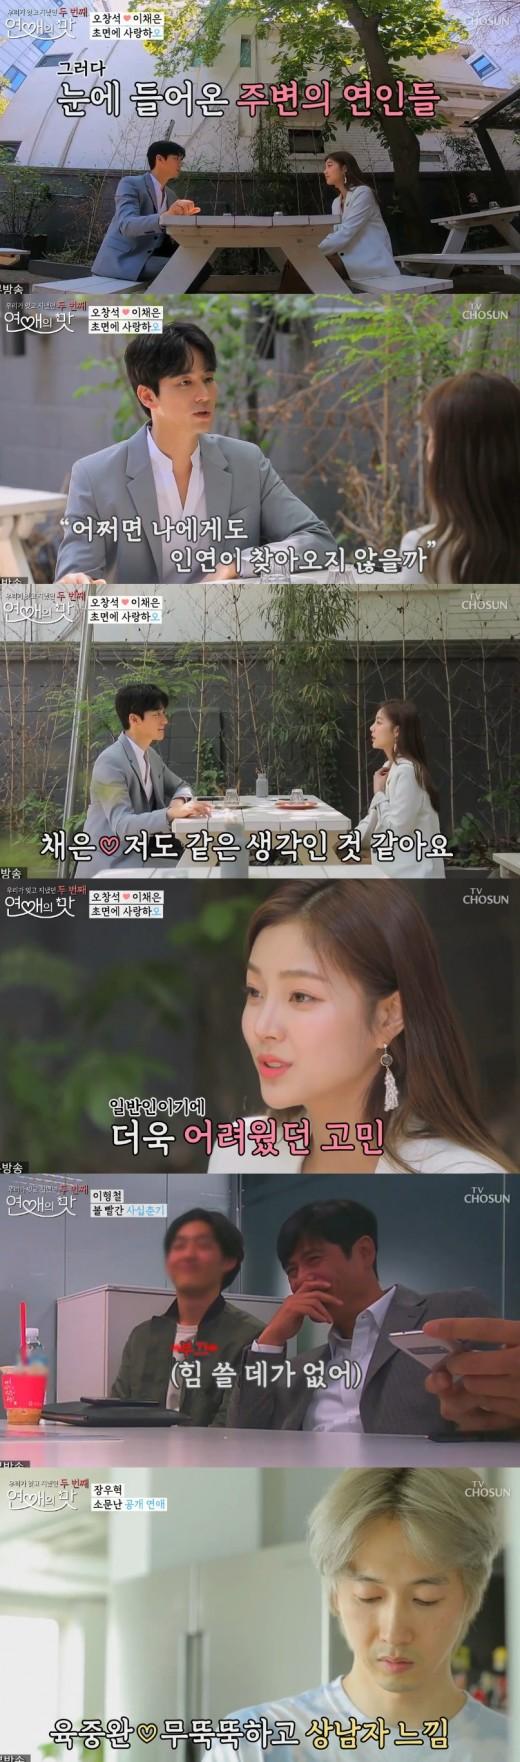 '연애의맛' 짠돌이 오창석→시크남 장우혁→사십춘기 이형철, 설레는 첫 데이트